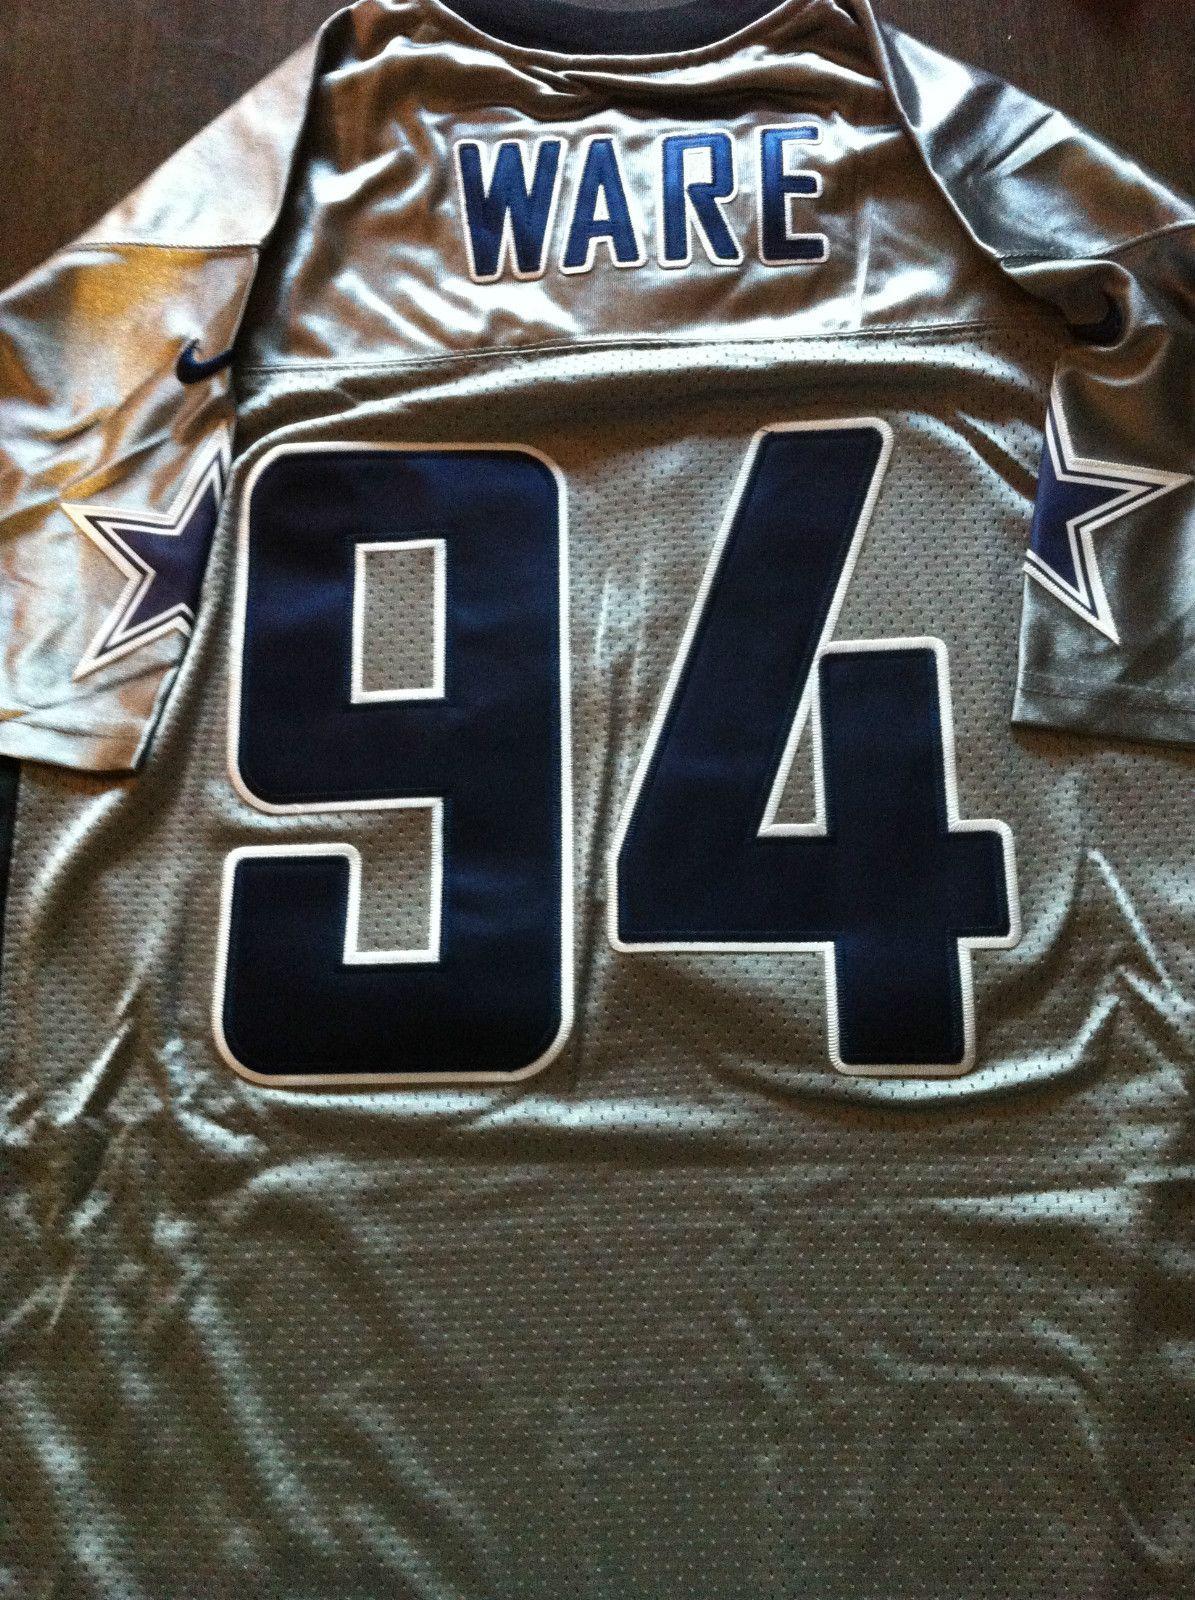 online retailer 3408e 7a2ee DeMarcus Ware grey Dallas Cowboys jersey | Demarcus Ware ...